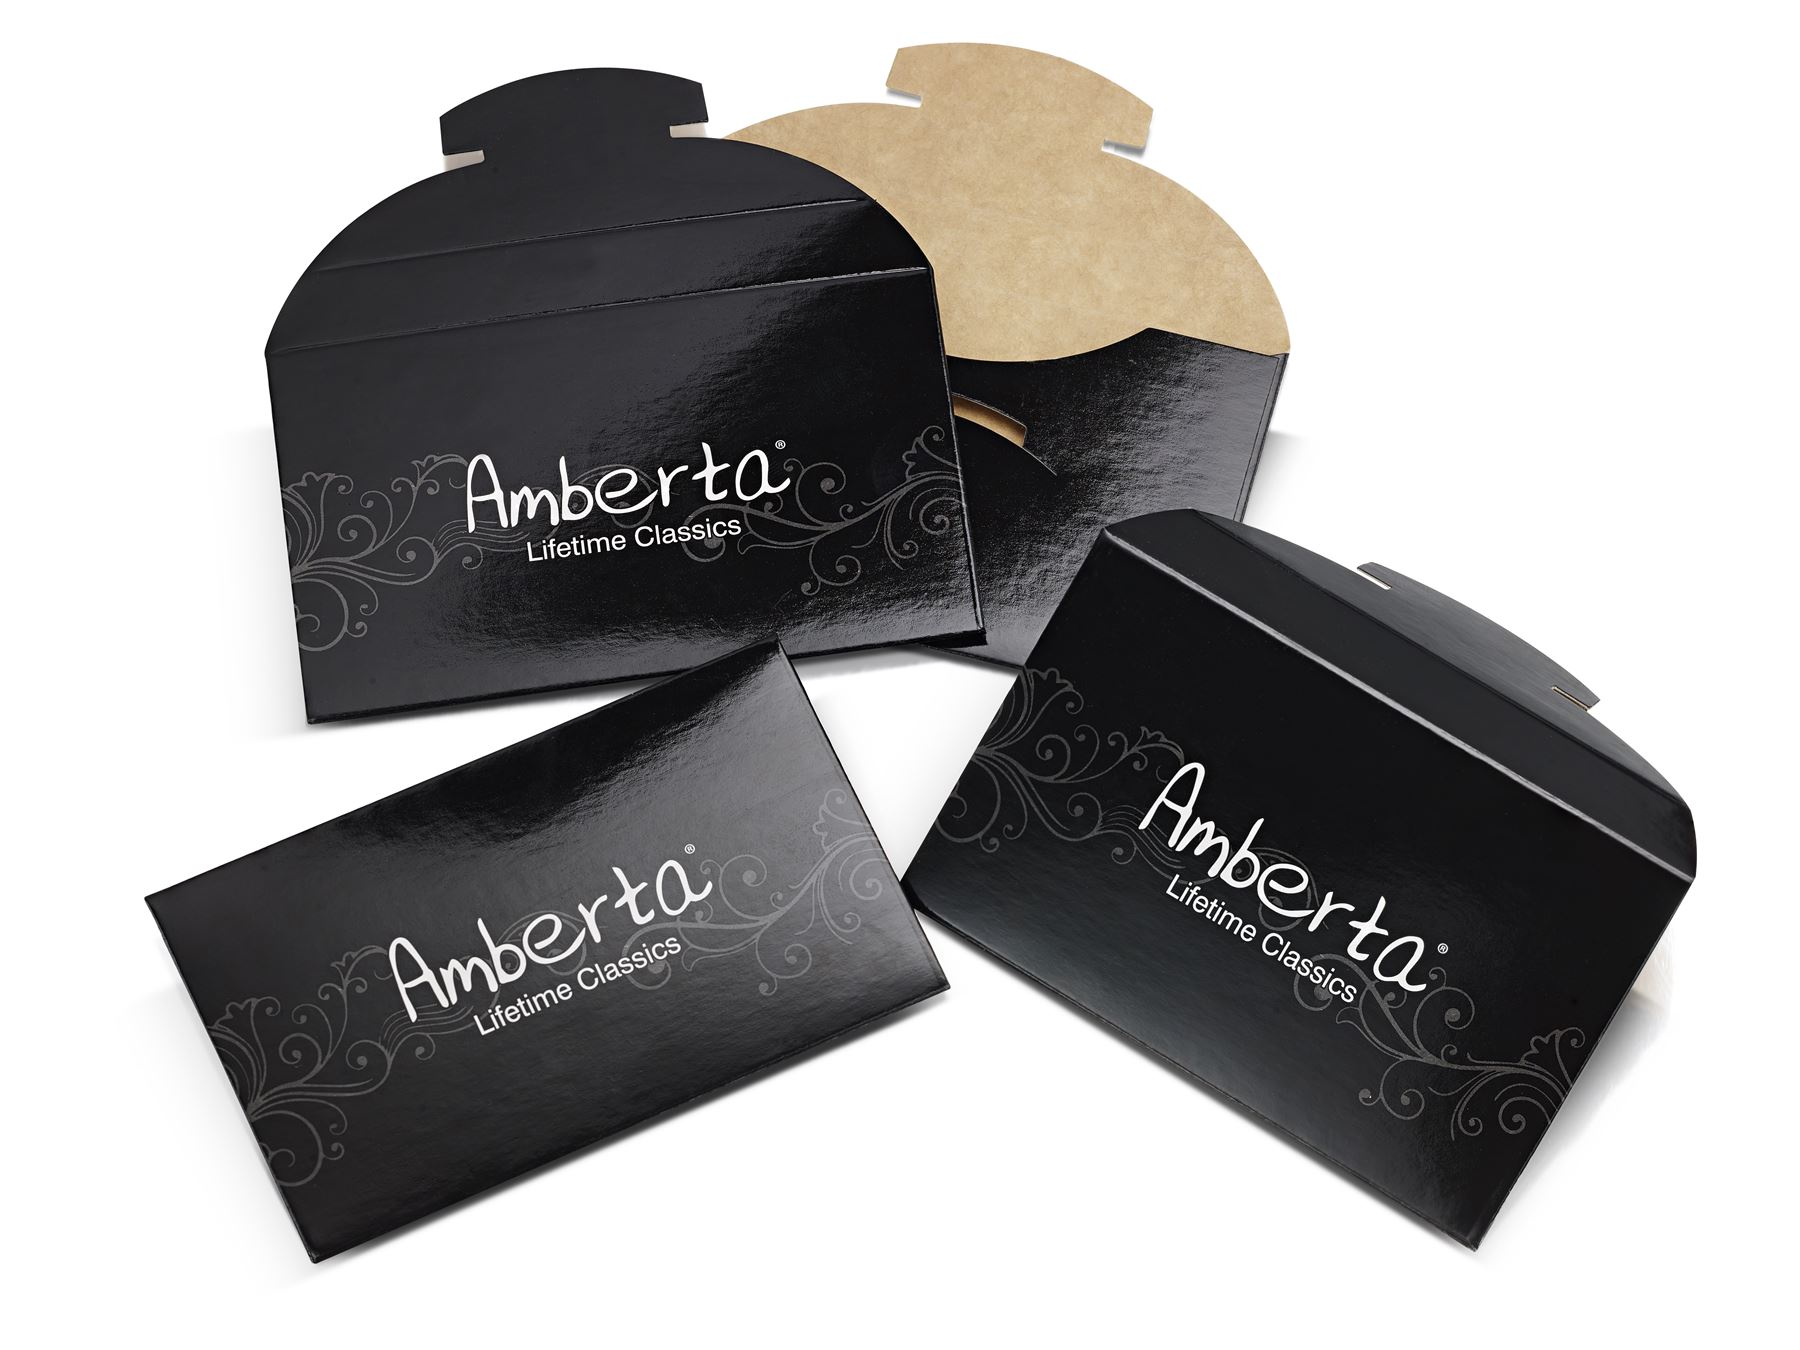 Amberta-Bijoux-Bracelet-en-Vrai-Argent-Sterling-925-Chaine-pour-Femme-a-la-Mode thumbnail 87